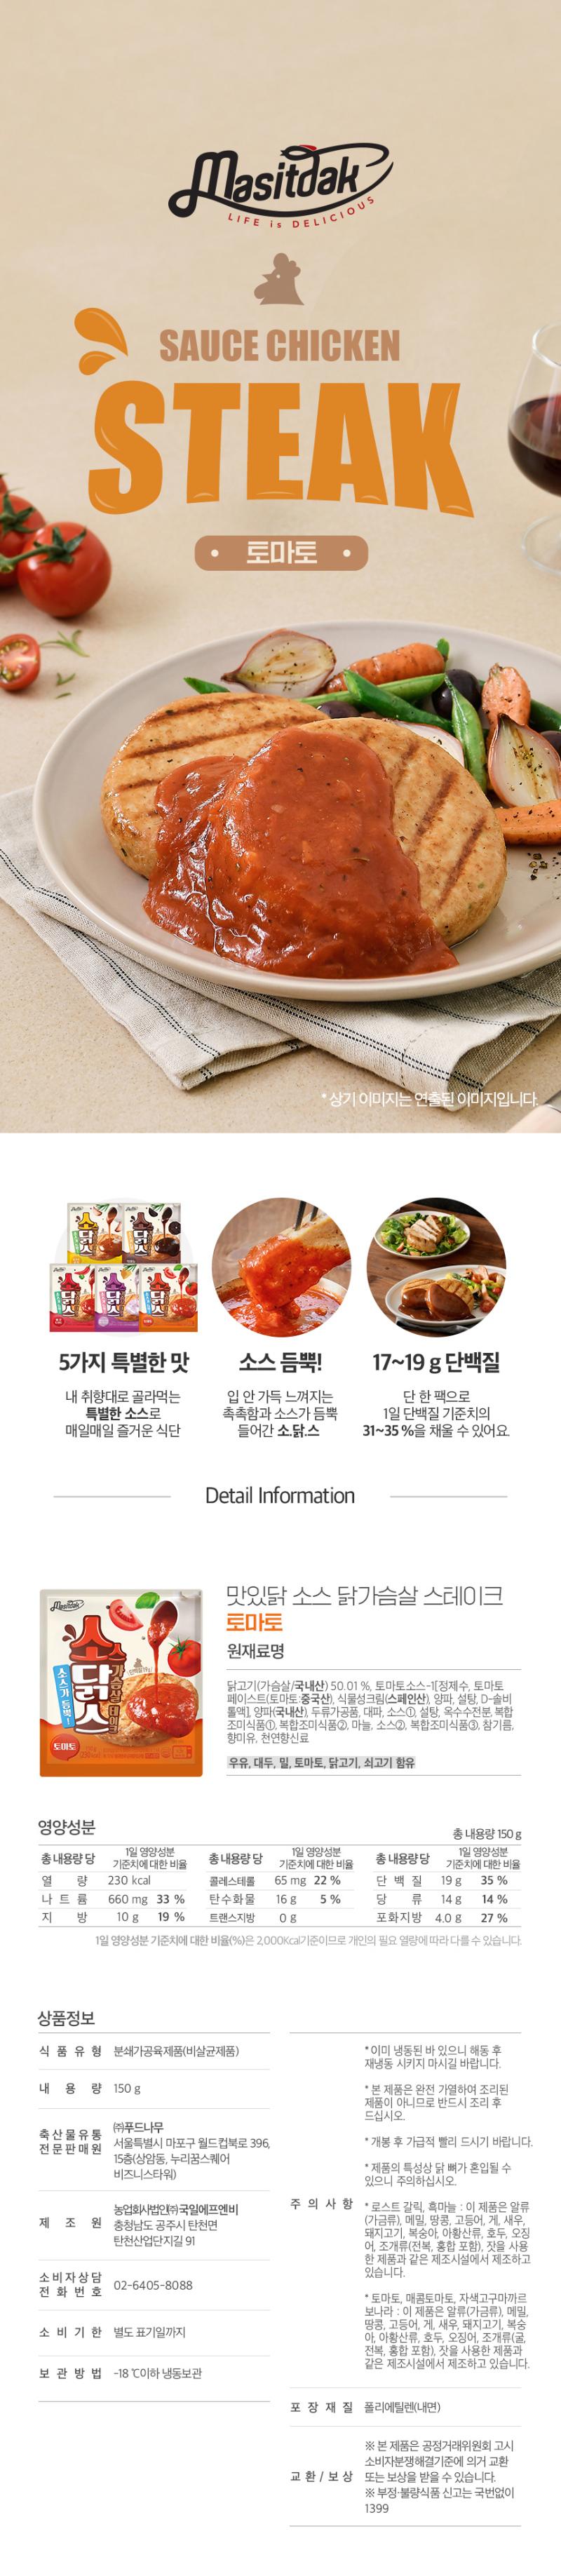 소스 닭가슴살 토마토